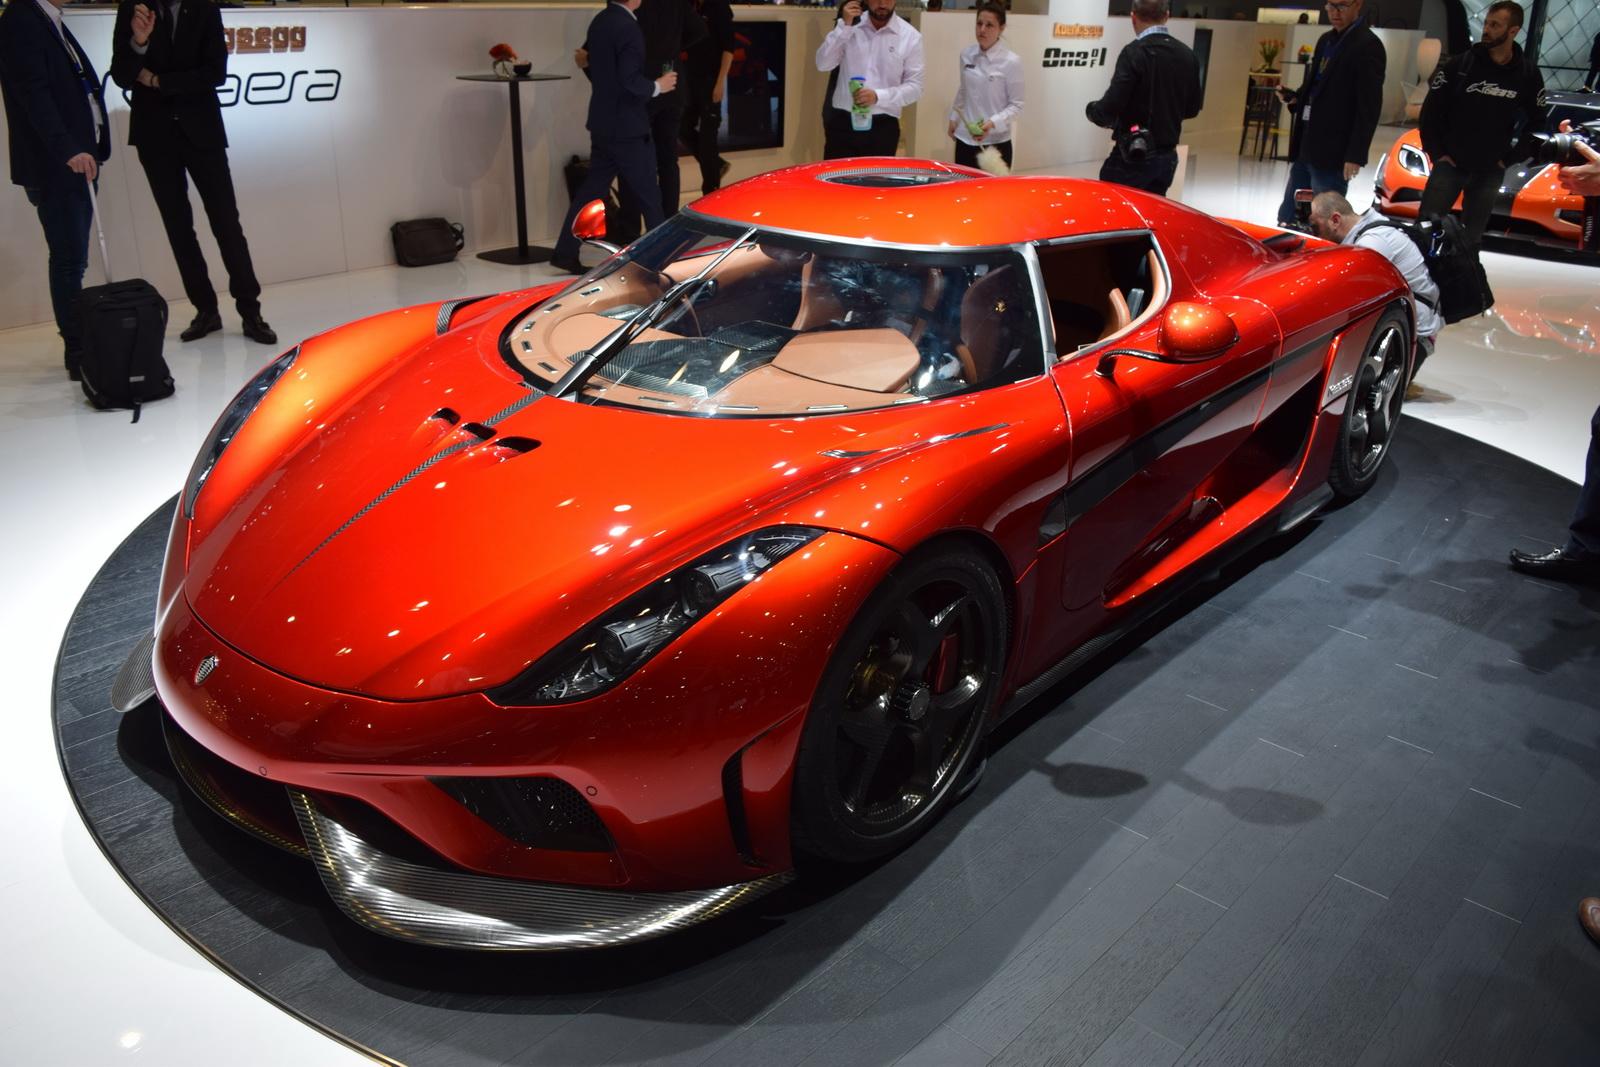 Hiện tại tâm trí của Koenigsegg chỉ dành cho Regera